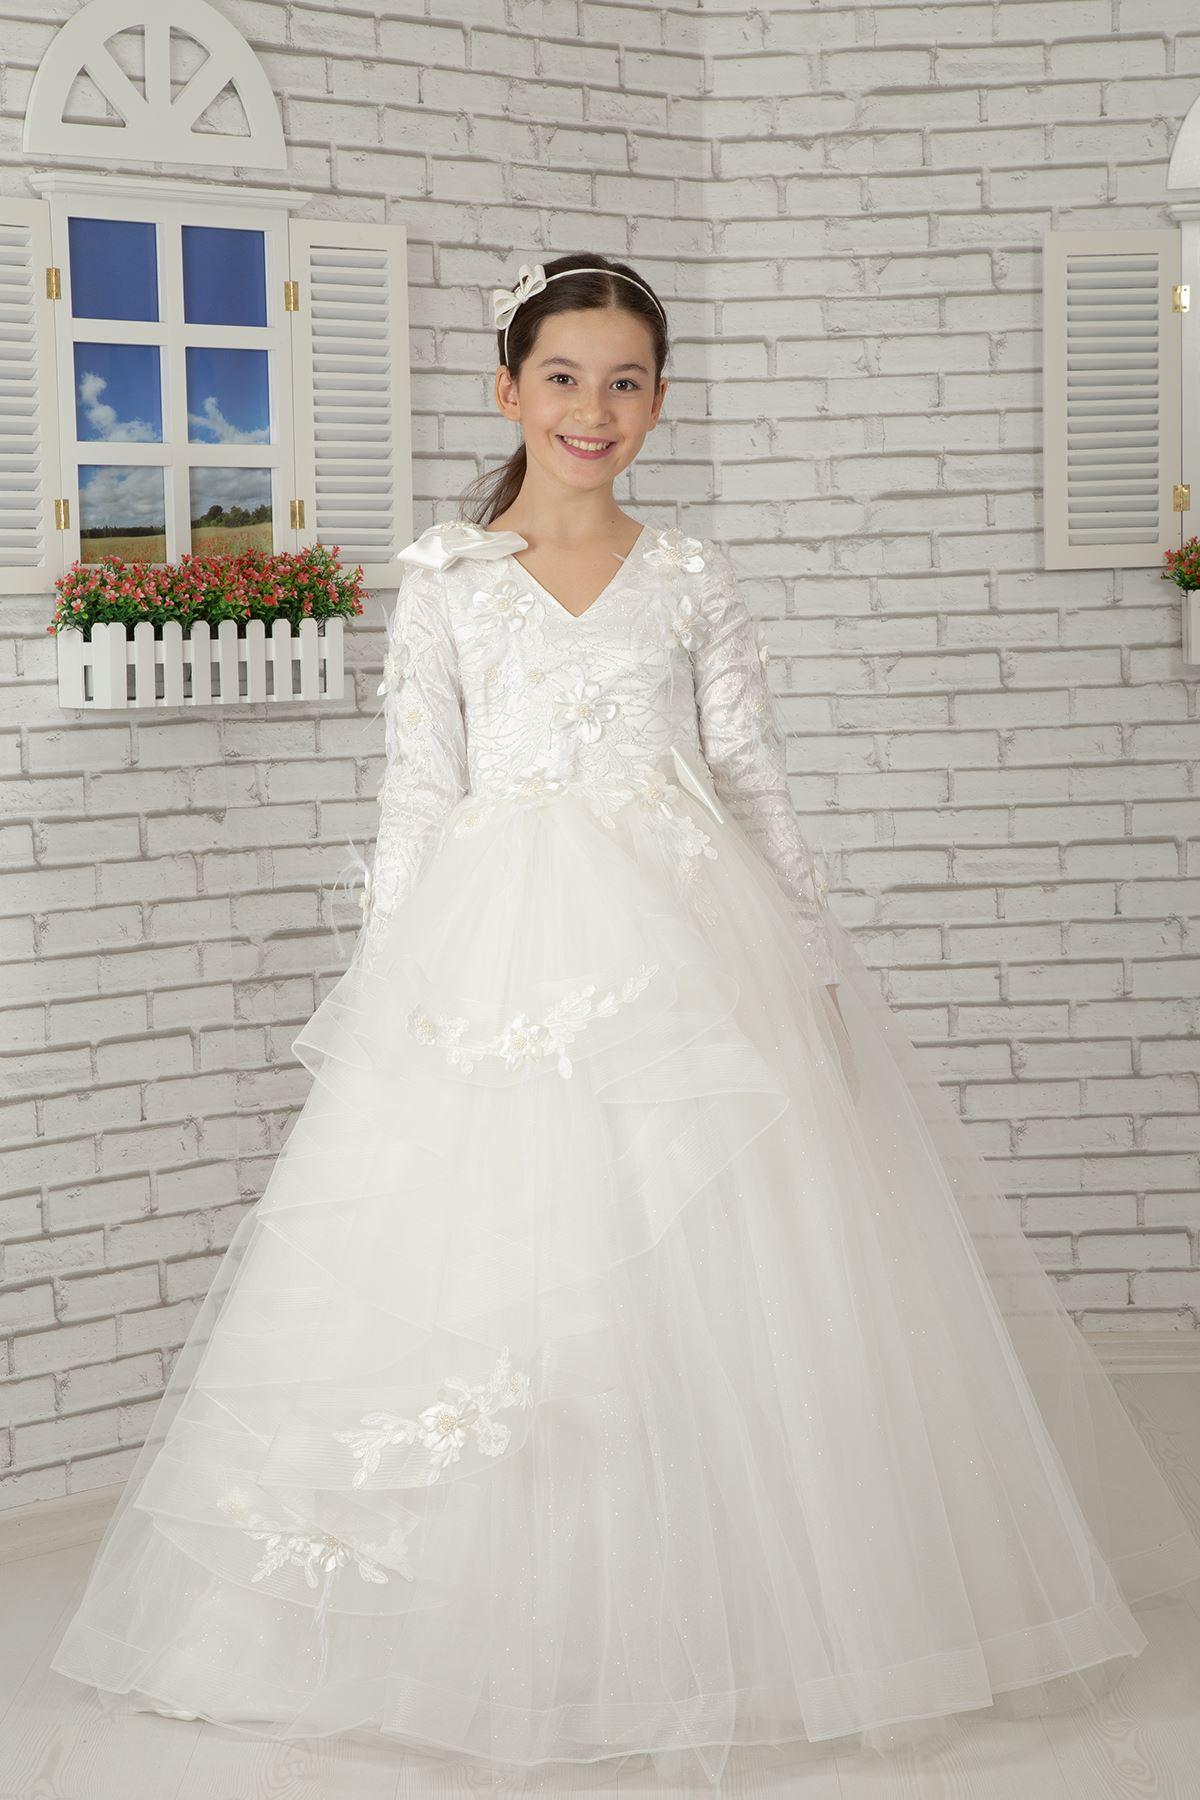 Пушистое вечернее платье для девочек с длинным рукавом и отделкой плеч 605 Кремовое